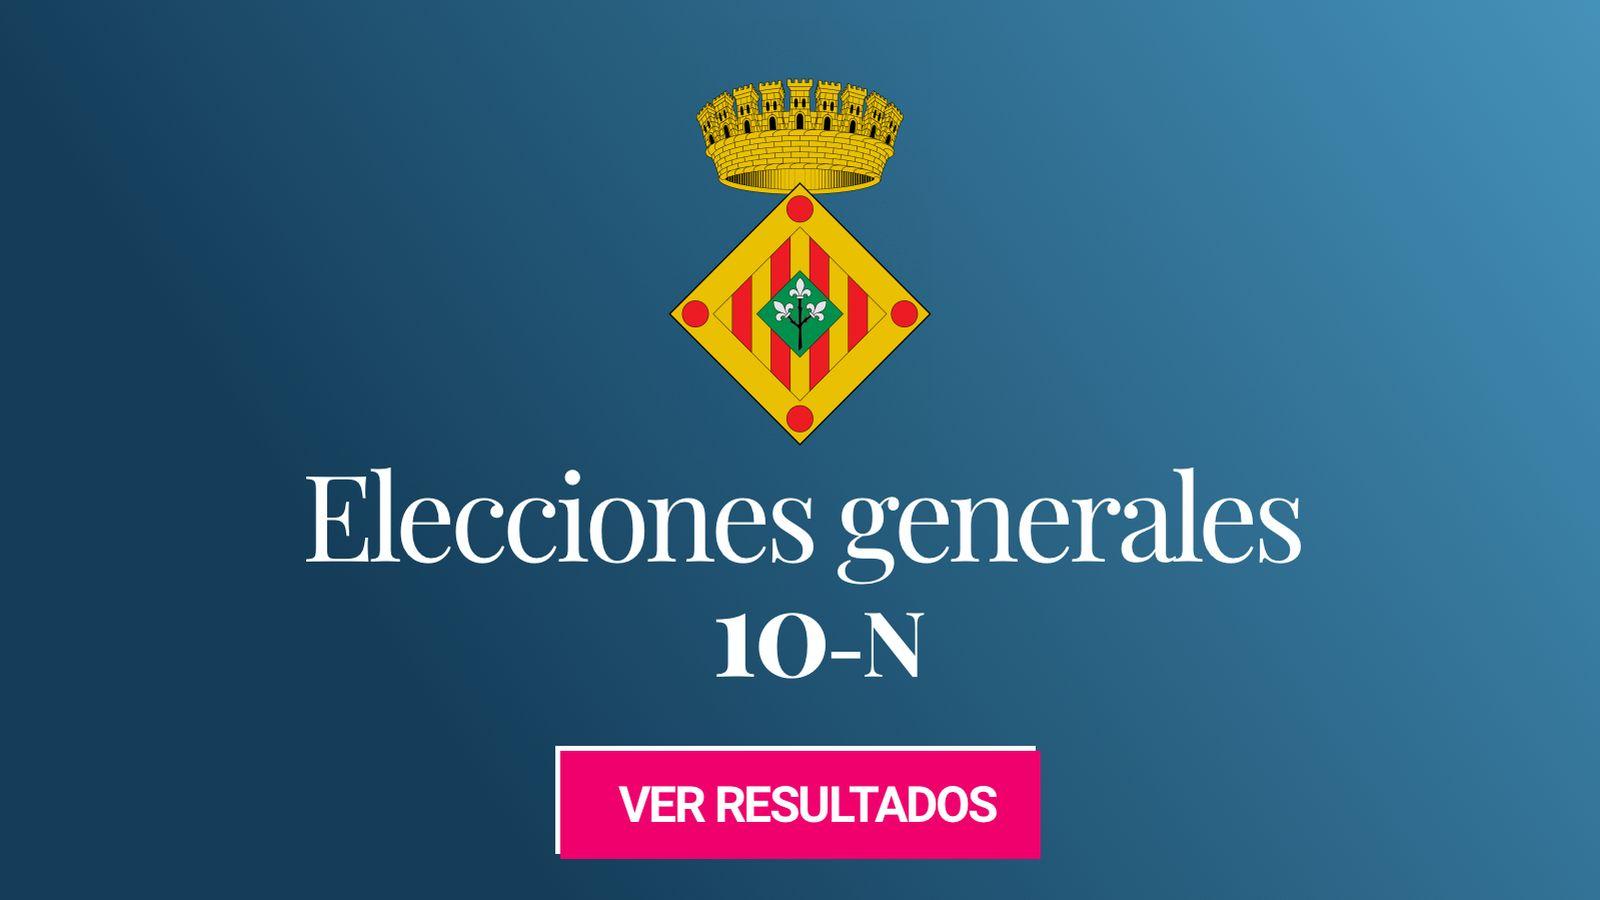 Foto: Elecciones generales 2019 en la provincia de Lleida. (C.C./HansenBCN)